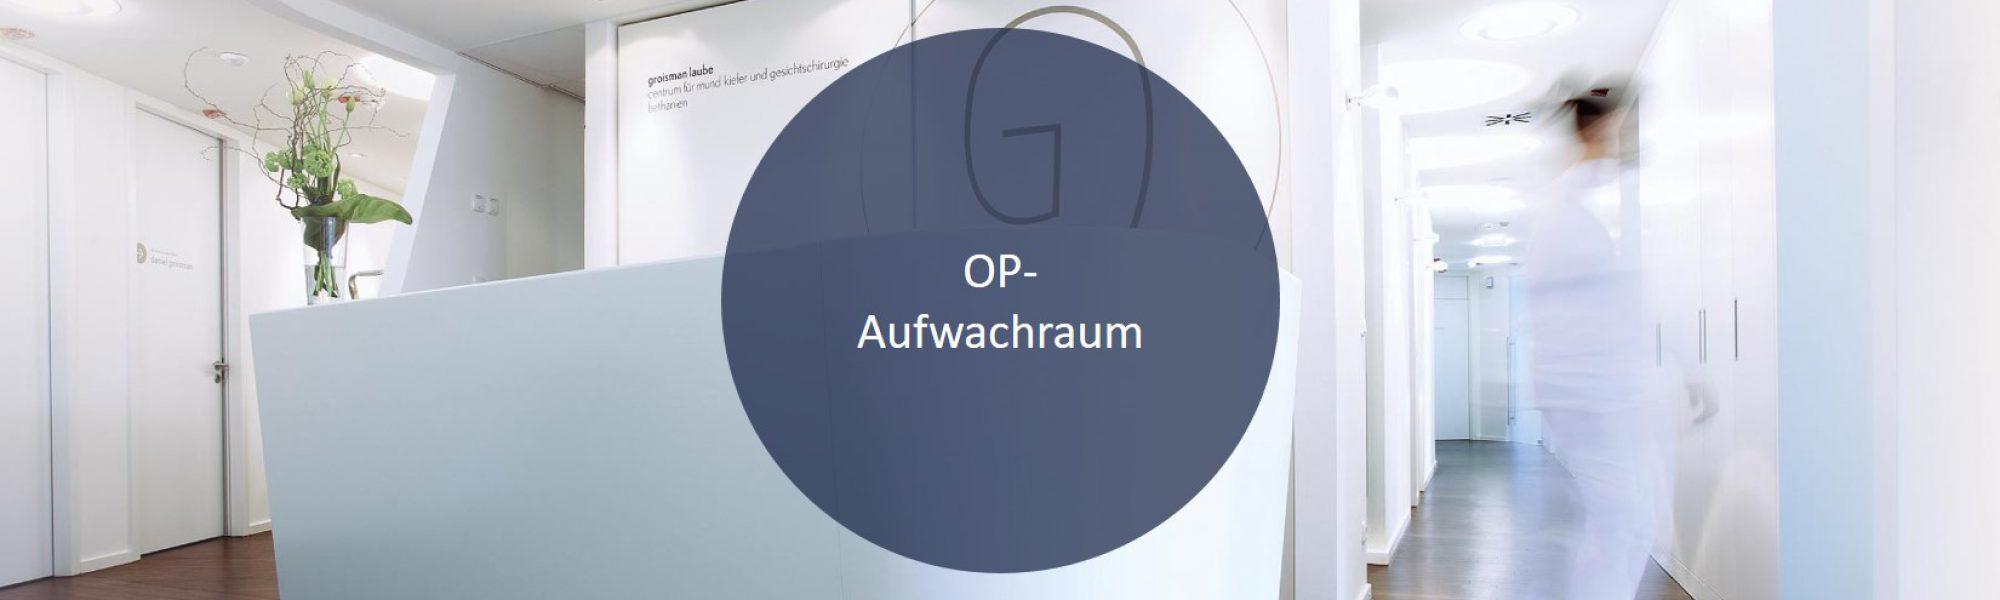 Groisman & Laube hat einen separaten OP-Aufwachraum für ihre Patienten